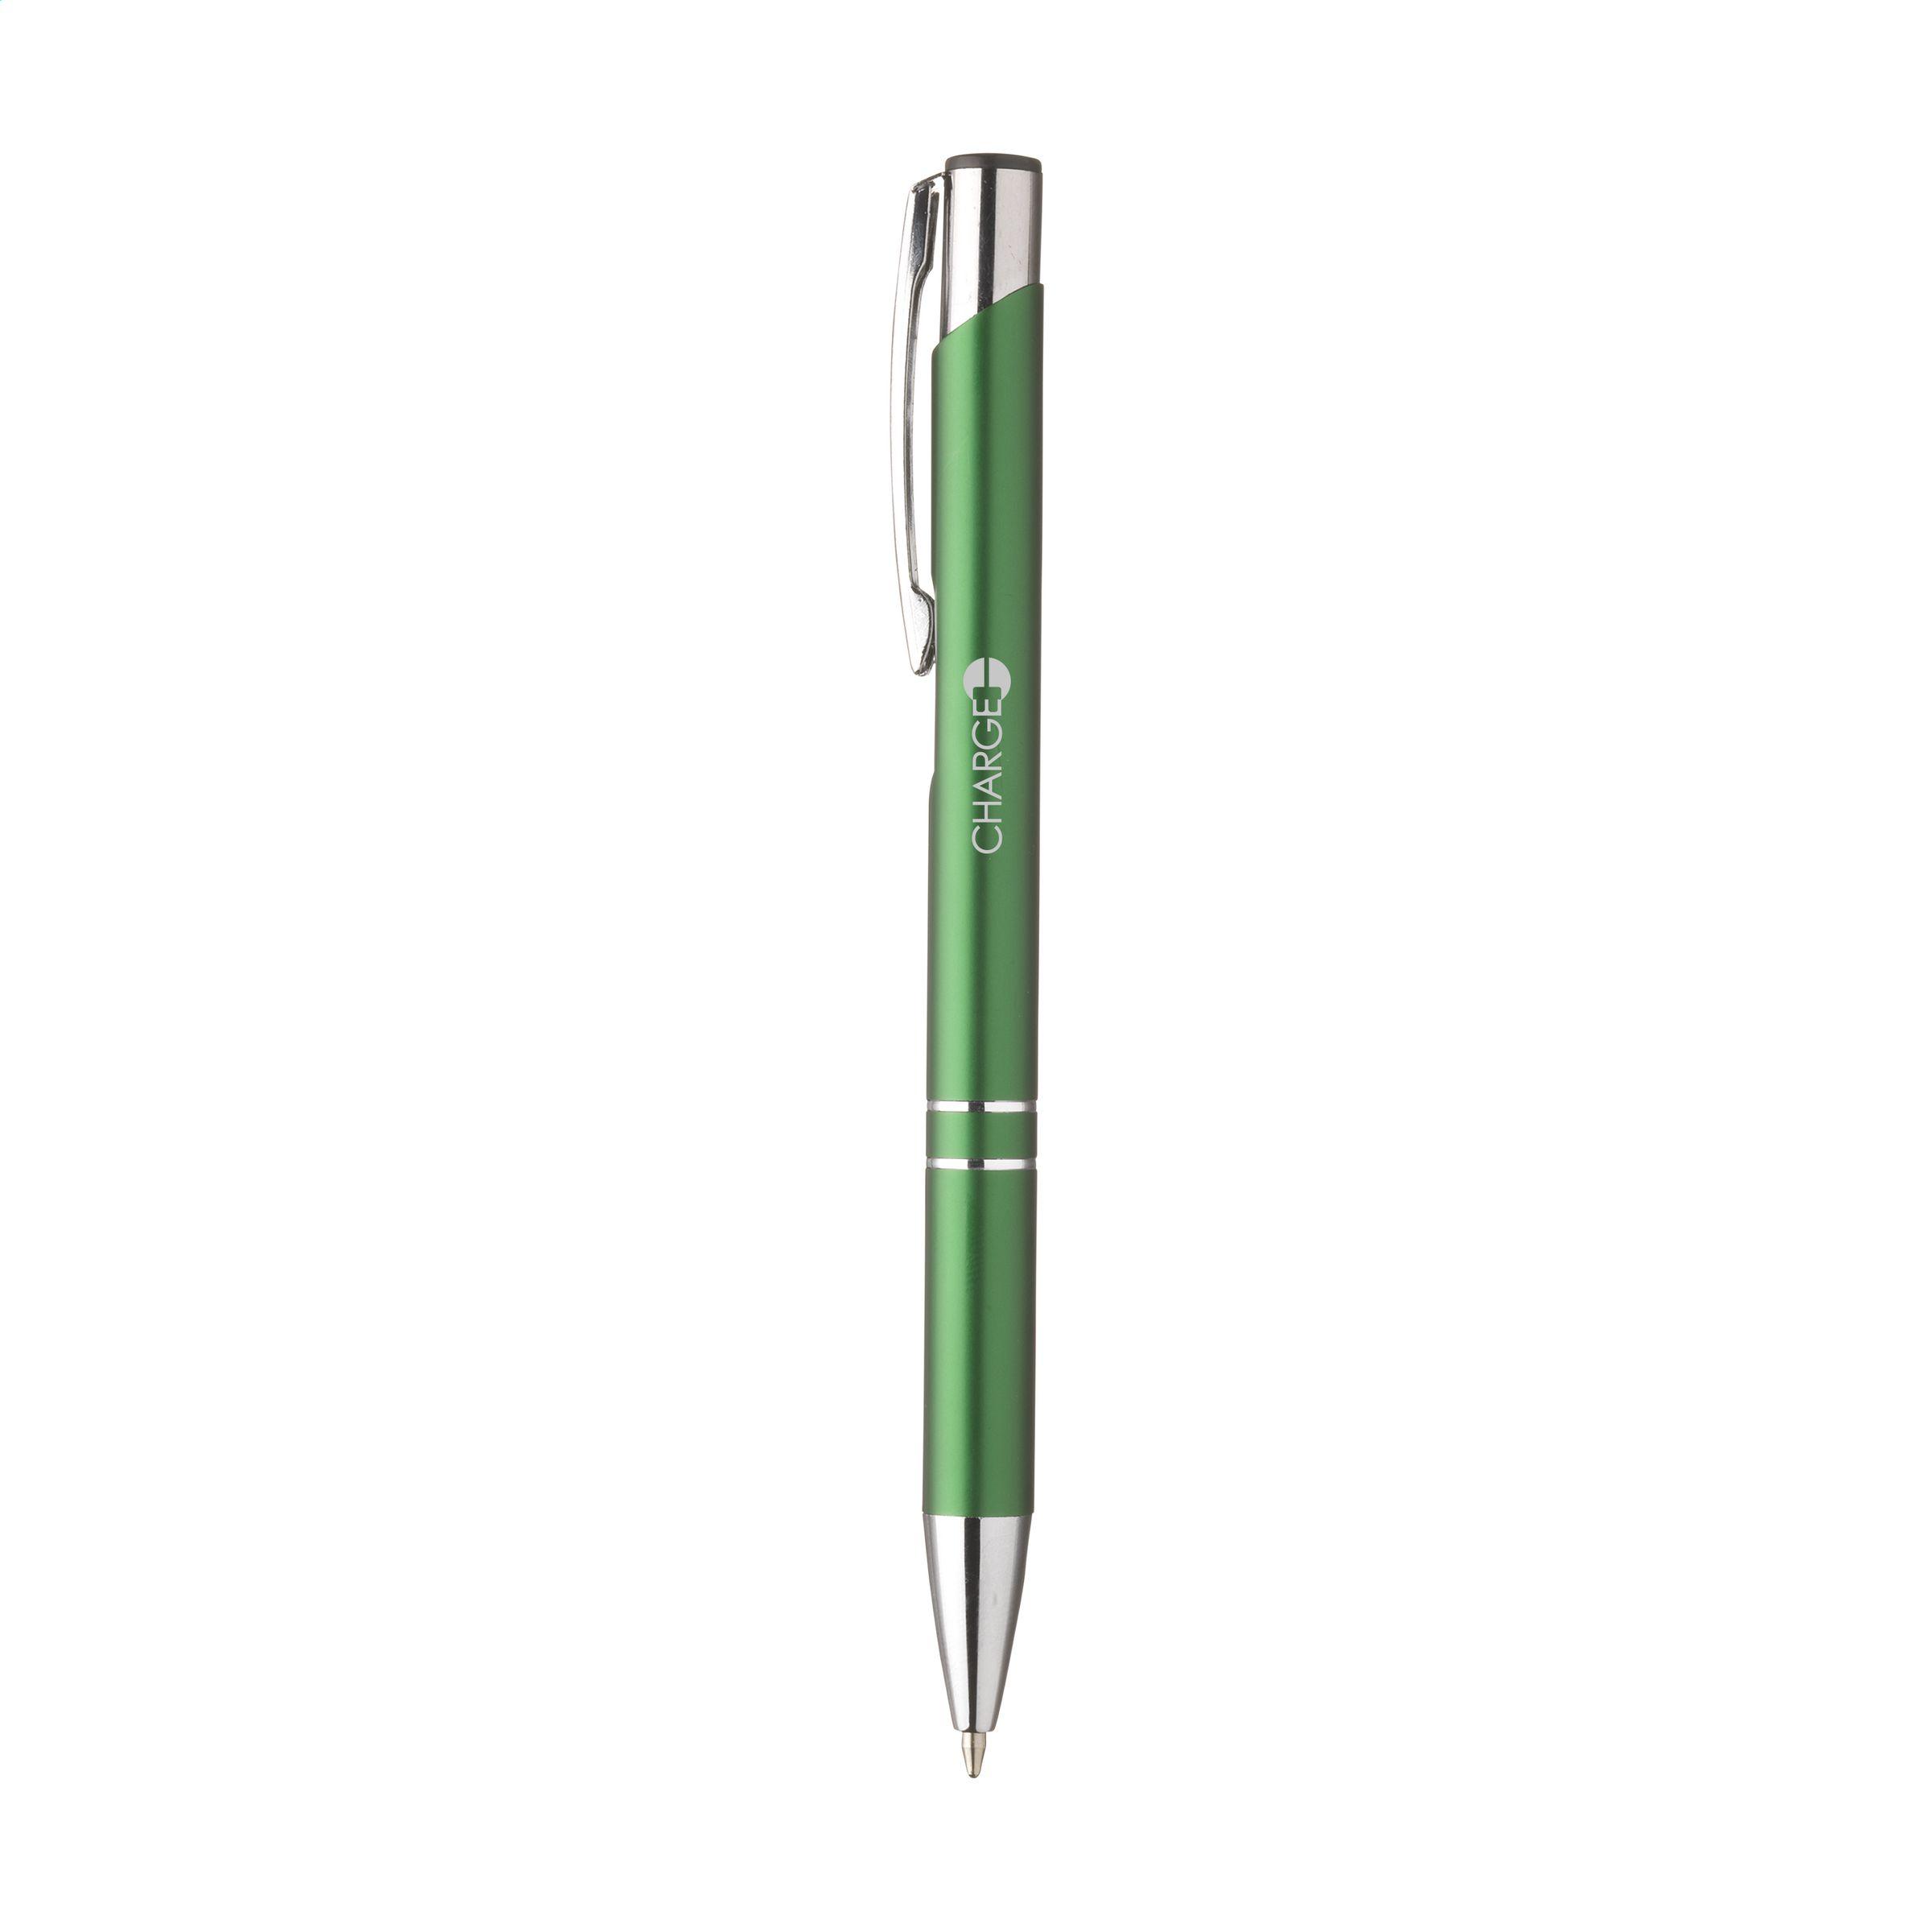 Pen: Luxurious Option